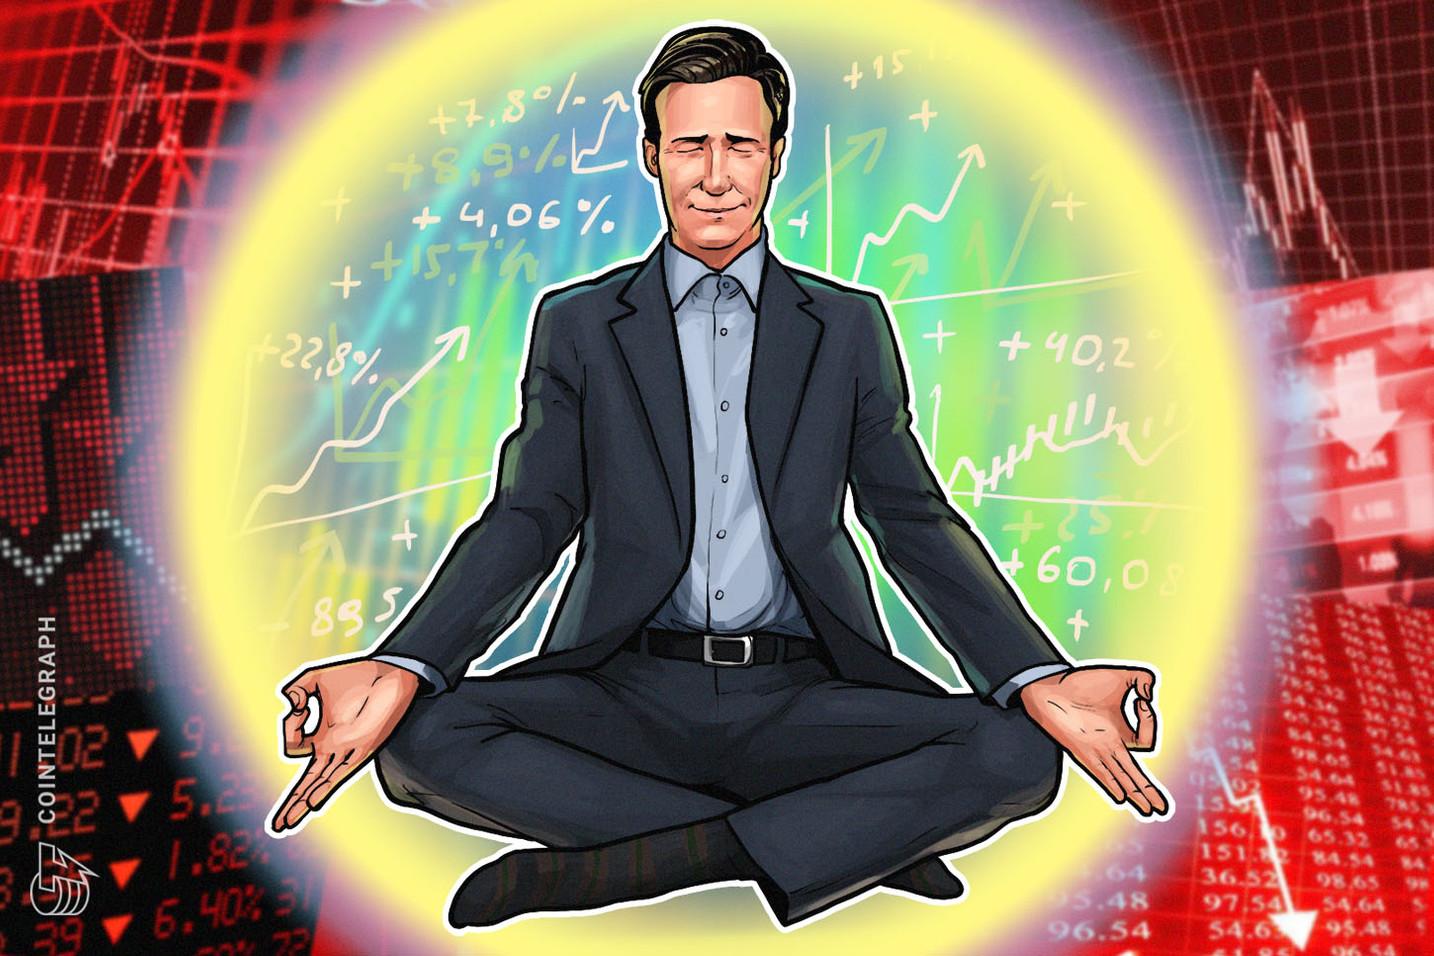 Cruzamento de linha de baixa em indicador chave pode elevar o preço do Bitcoin para US$ 7.300